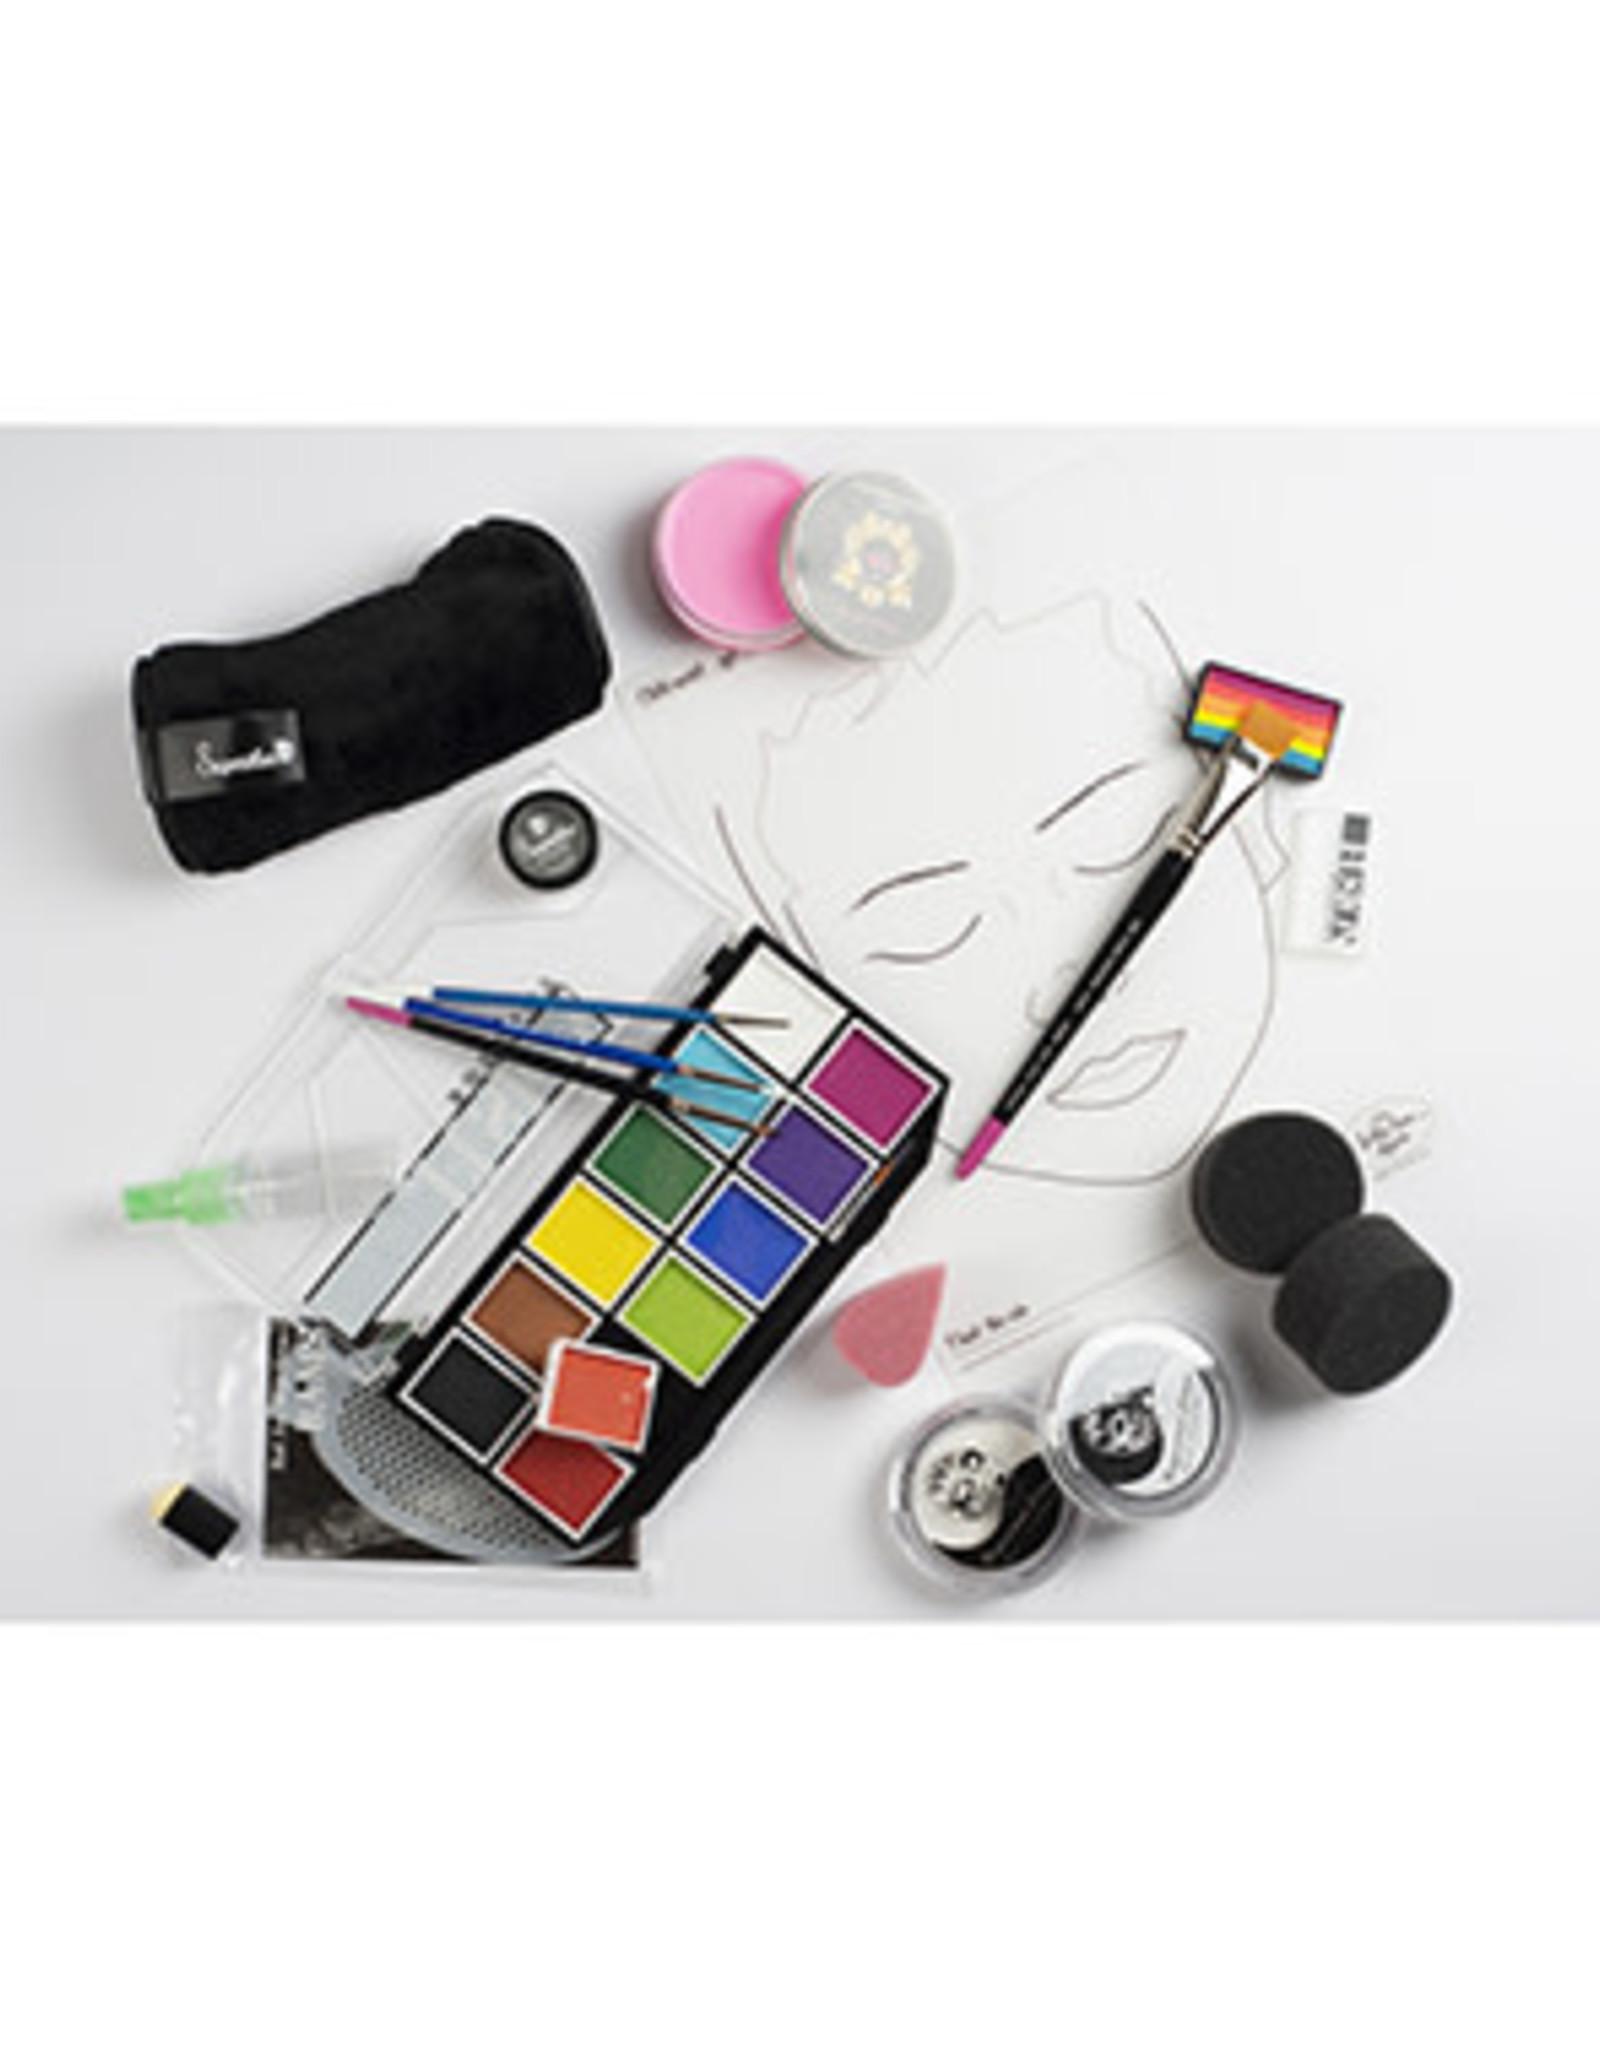 Fusion Basis Starterspakket Fusion Premium De Luxe uitbreiding met sjabloon en extra zwart en wit